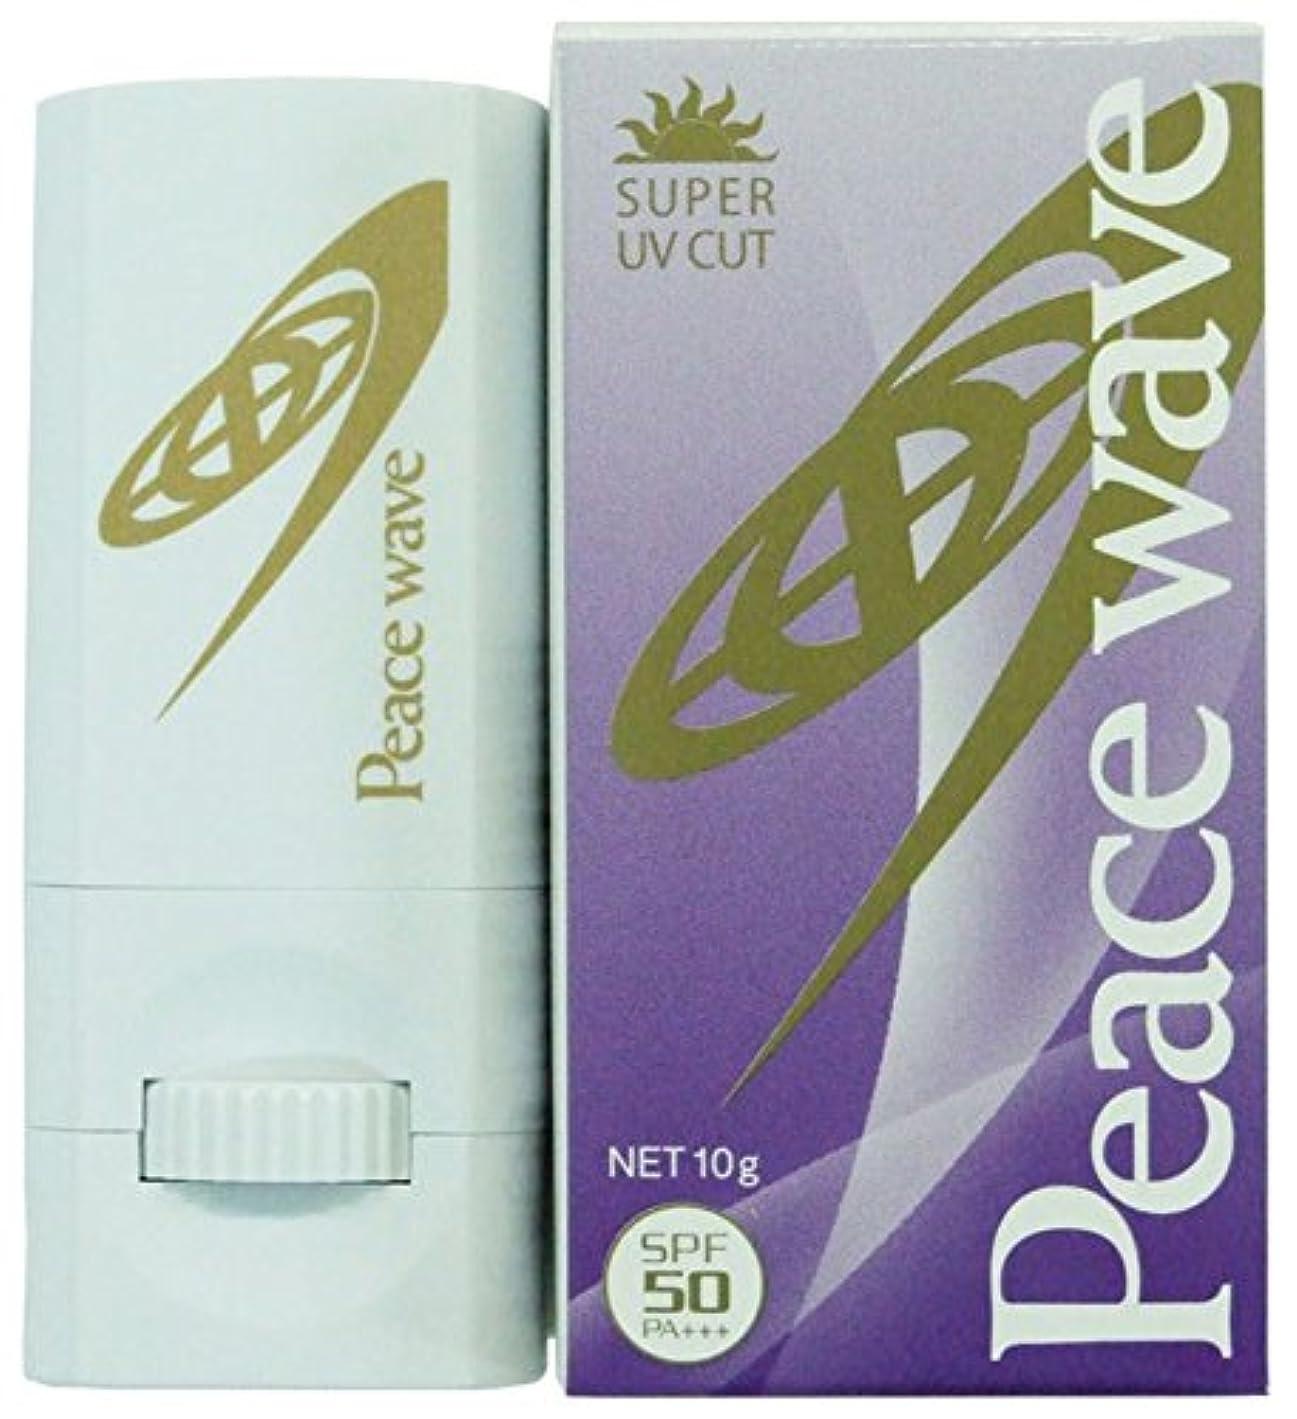 意志に反するクレーンエピソードPEACE WAVE 日焼け止め UVフェイススティック SPF50 PA+++ ホワイト 10g 580250